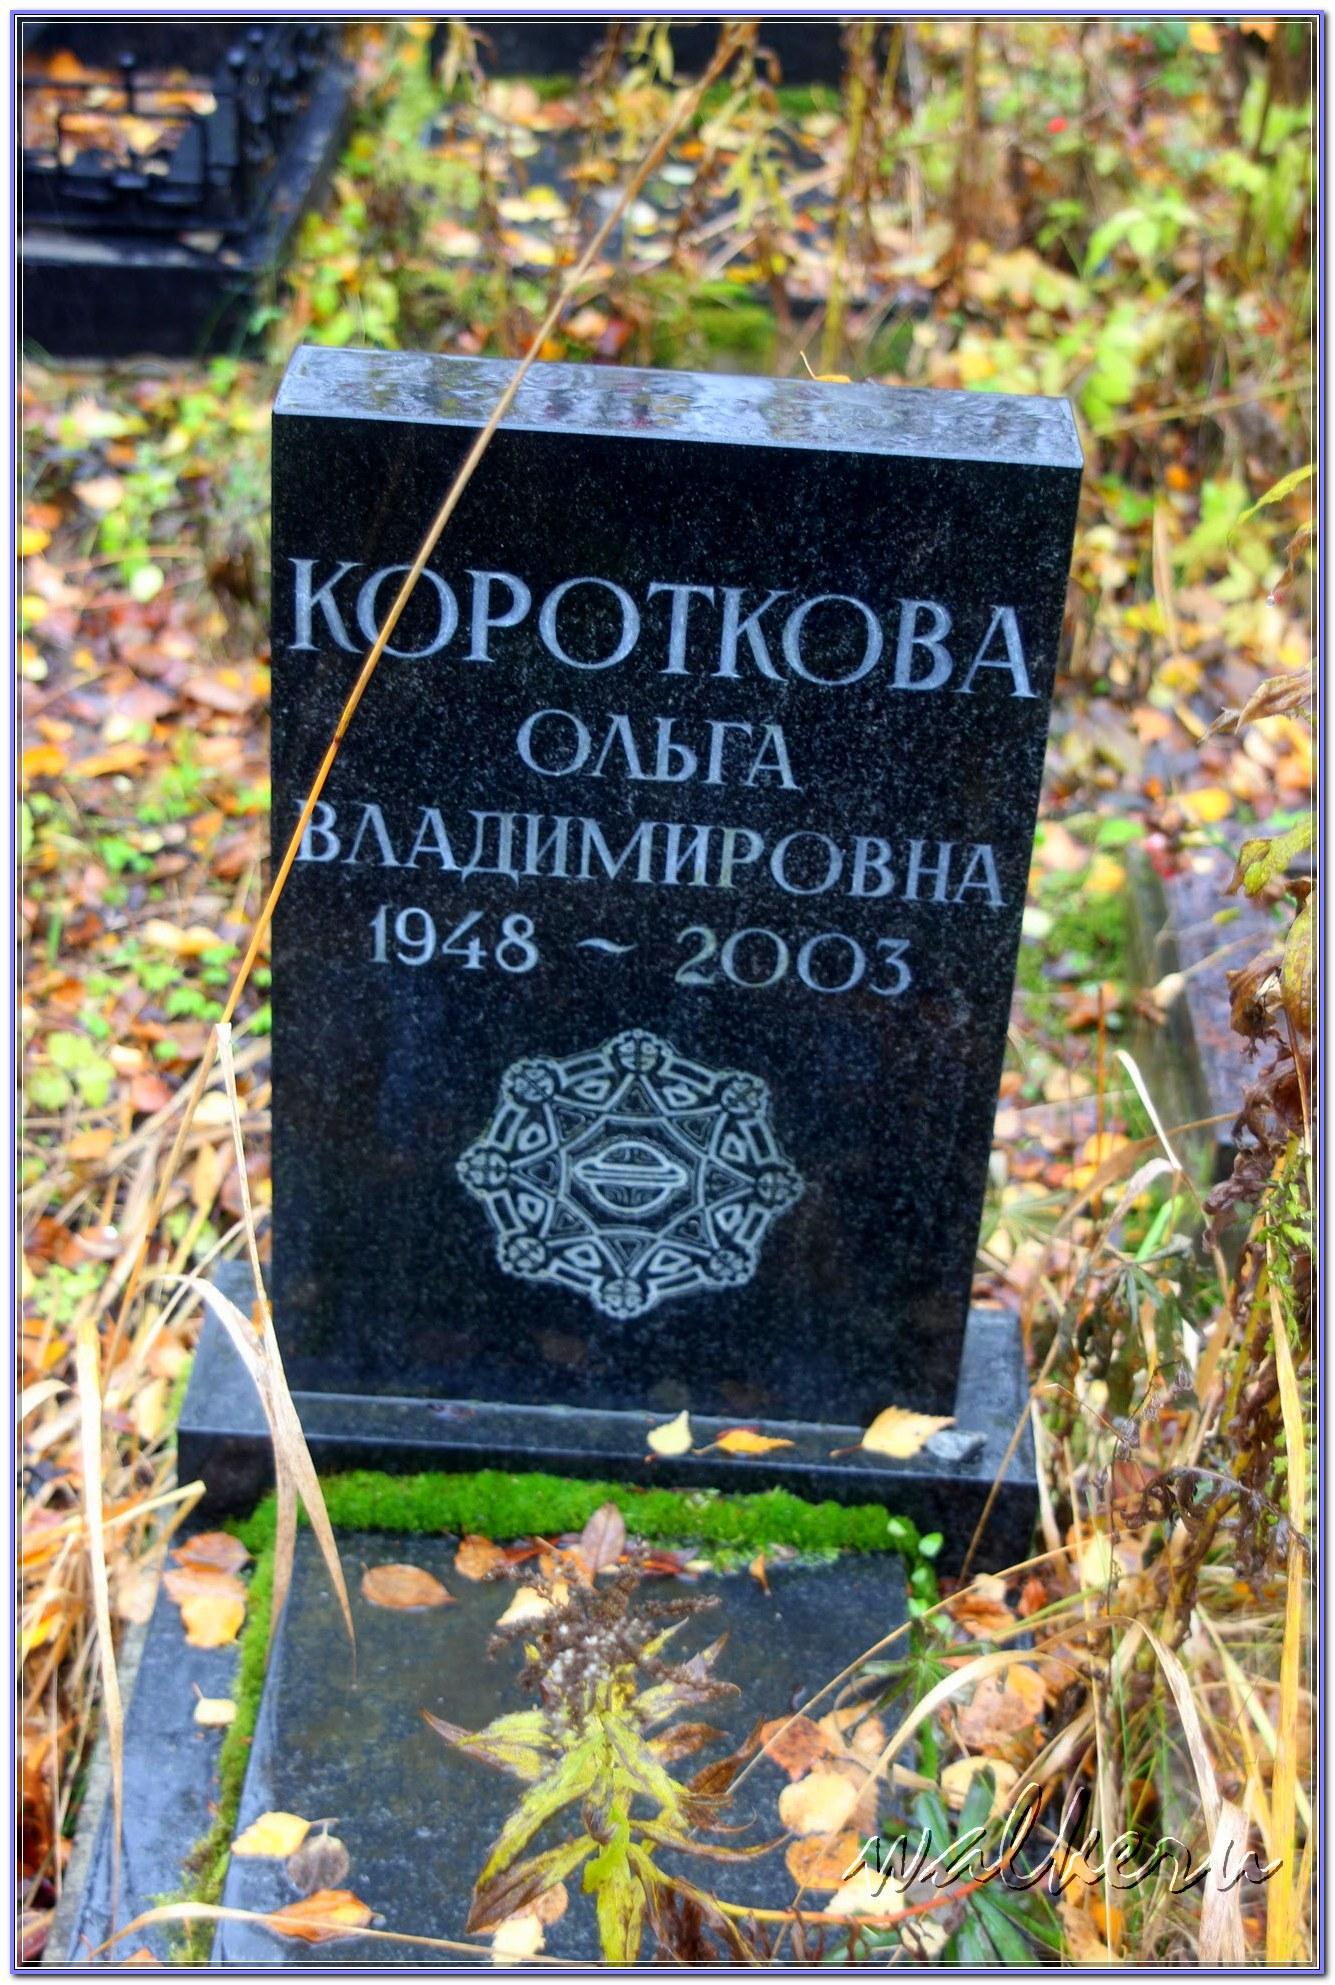 © Короткова Ольга Владимировна